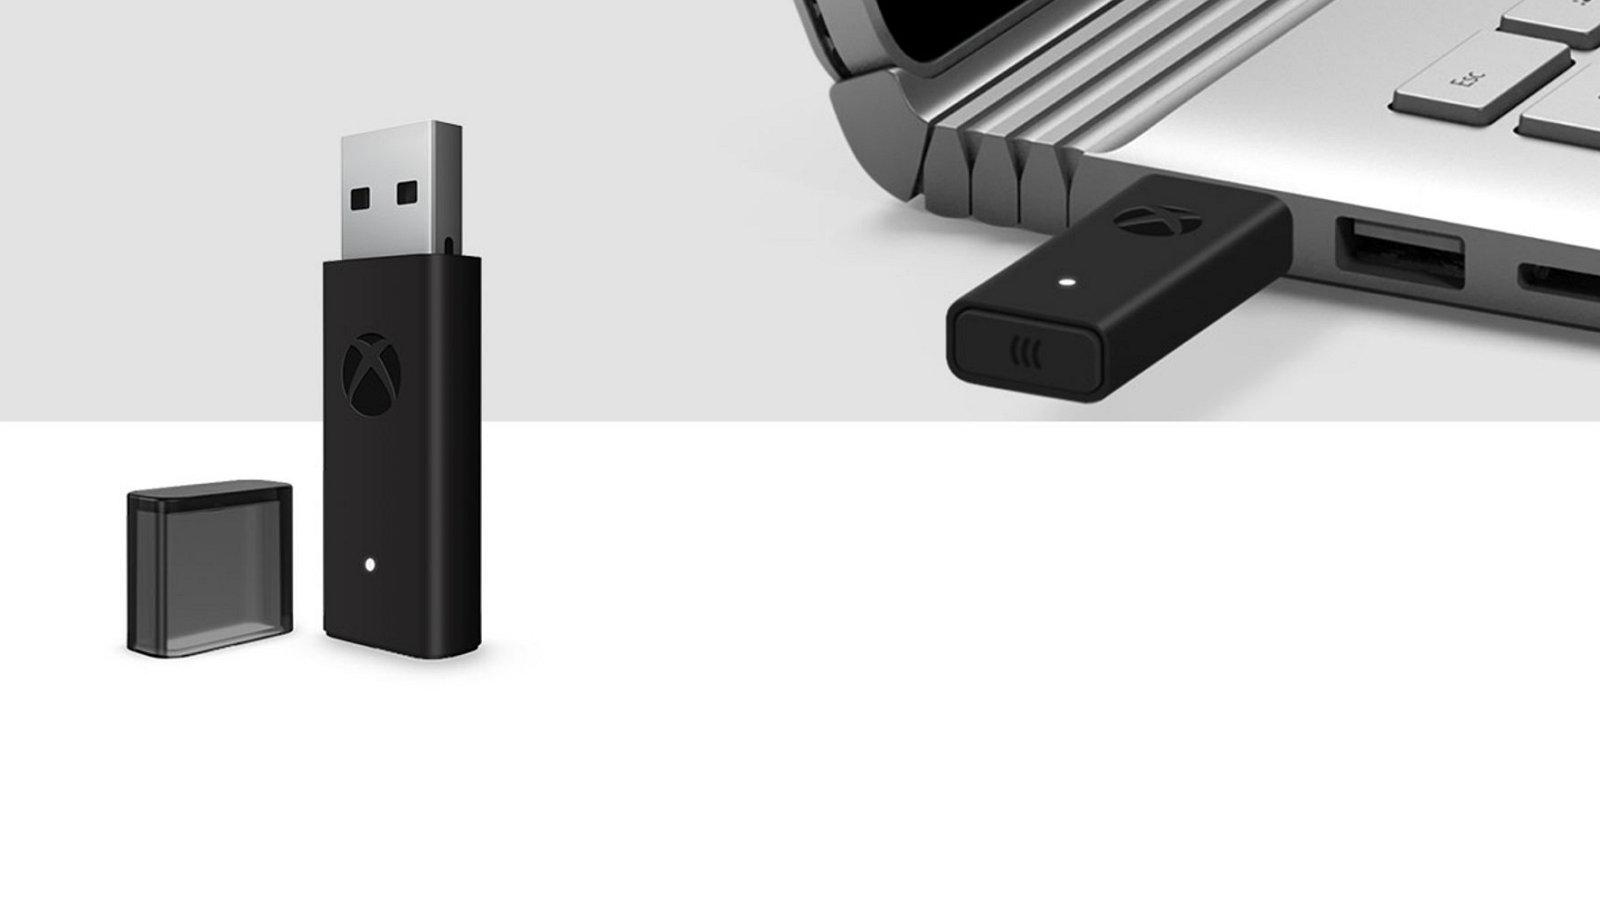 USB Xbox Wireless Adapter (2017)